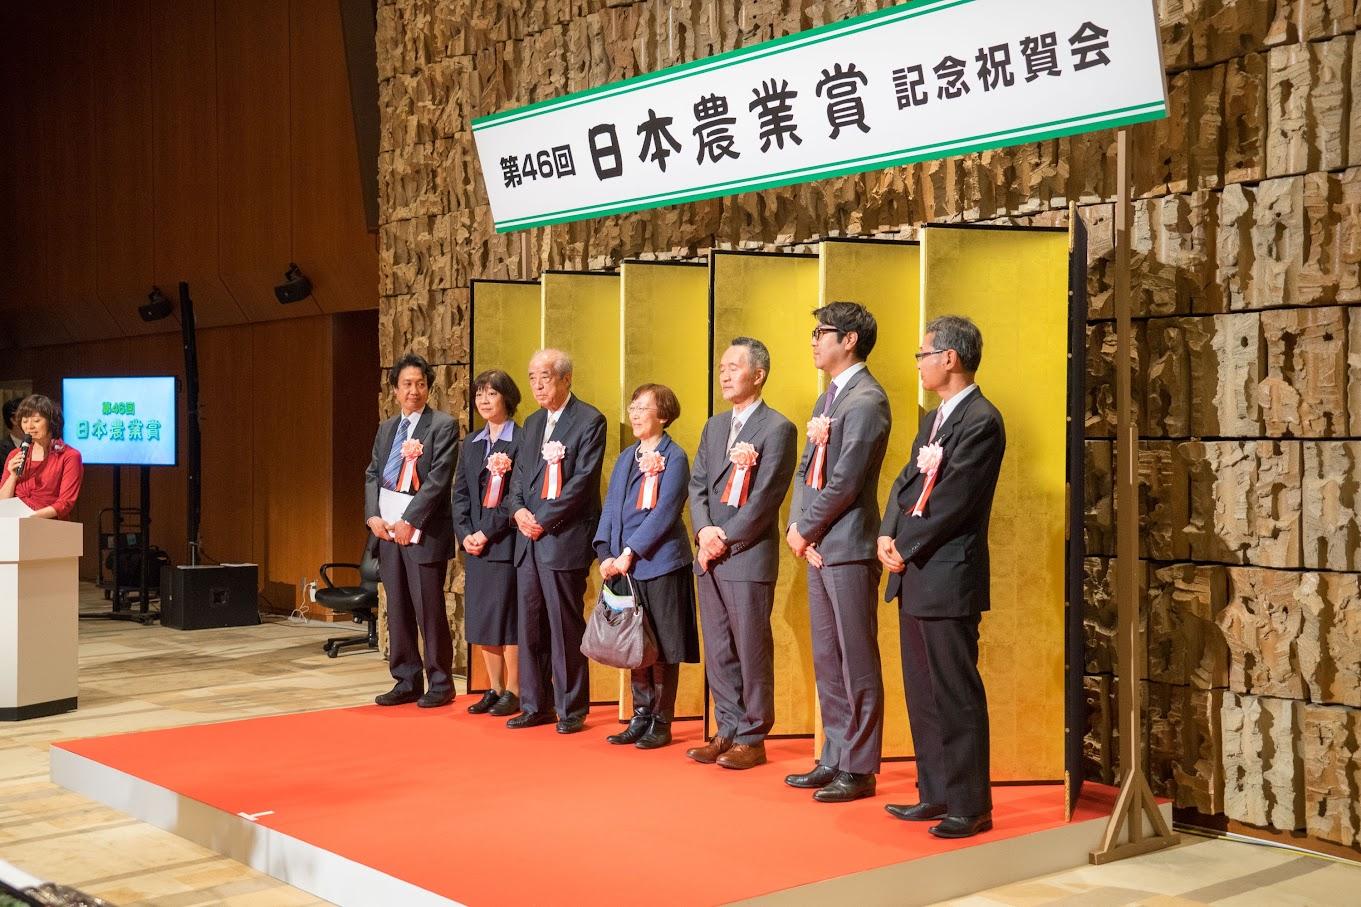 第46回日本農業賞・食の架け橋の部・審査会委員の皆様